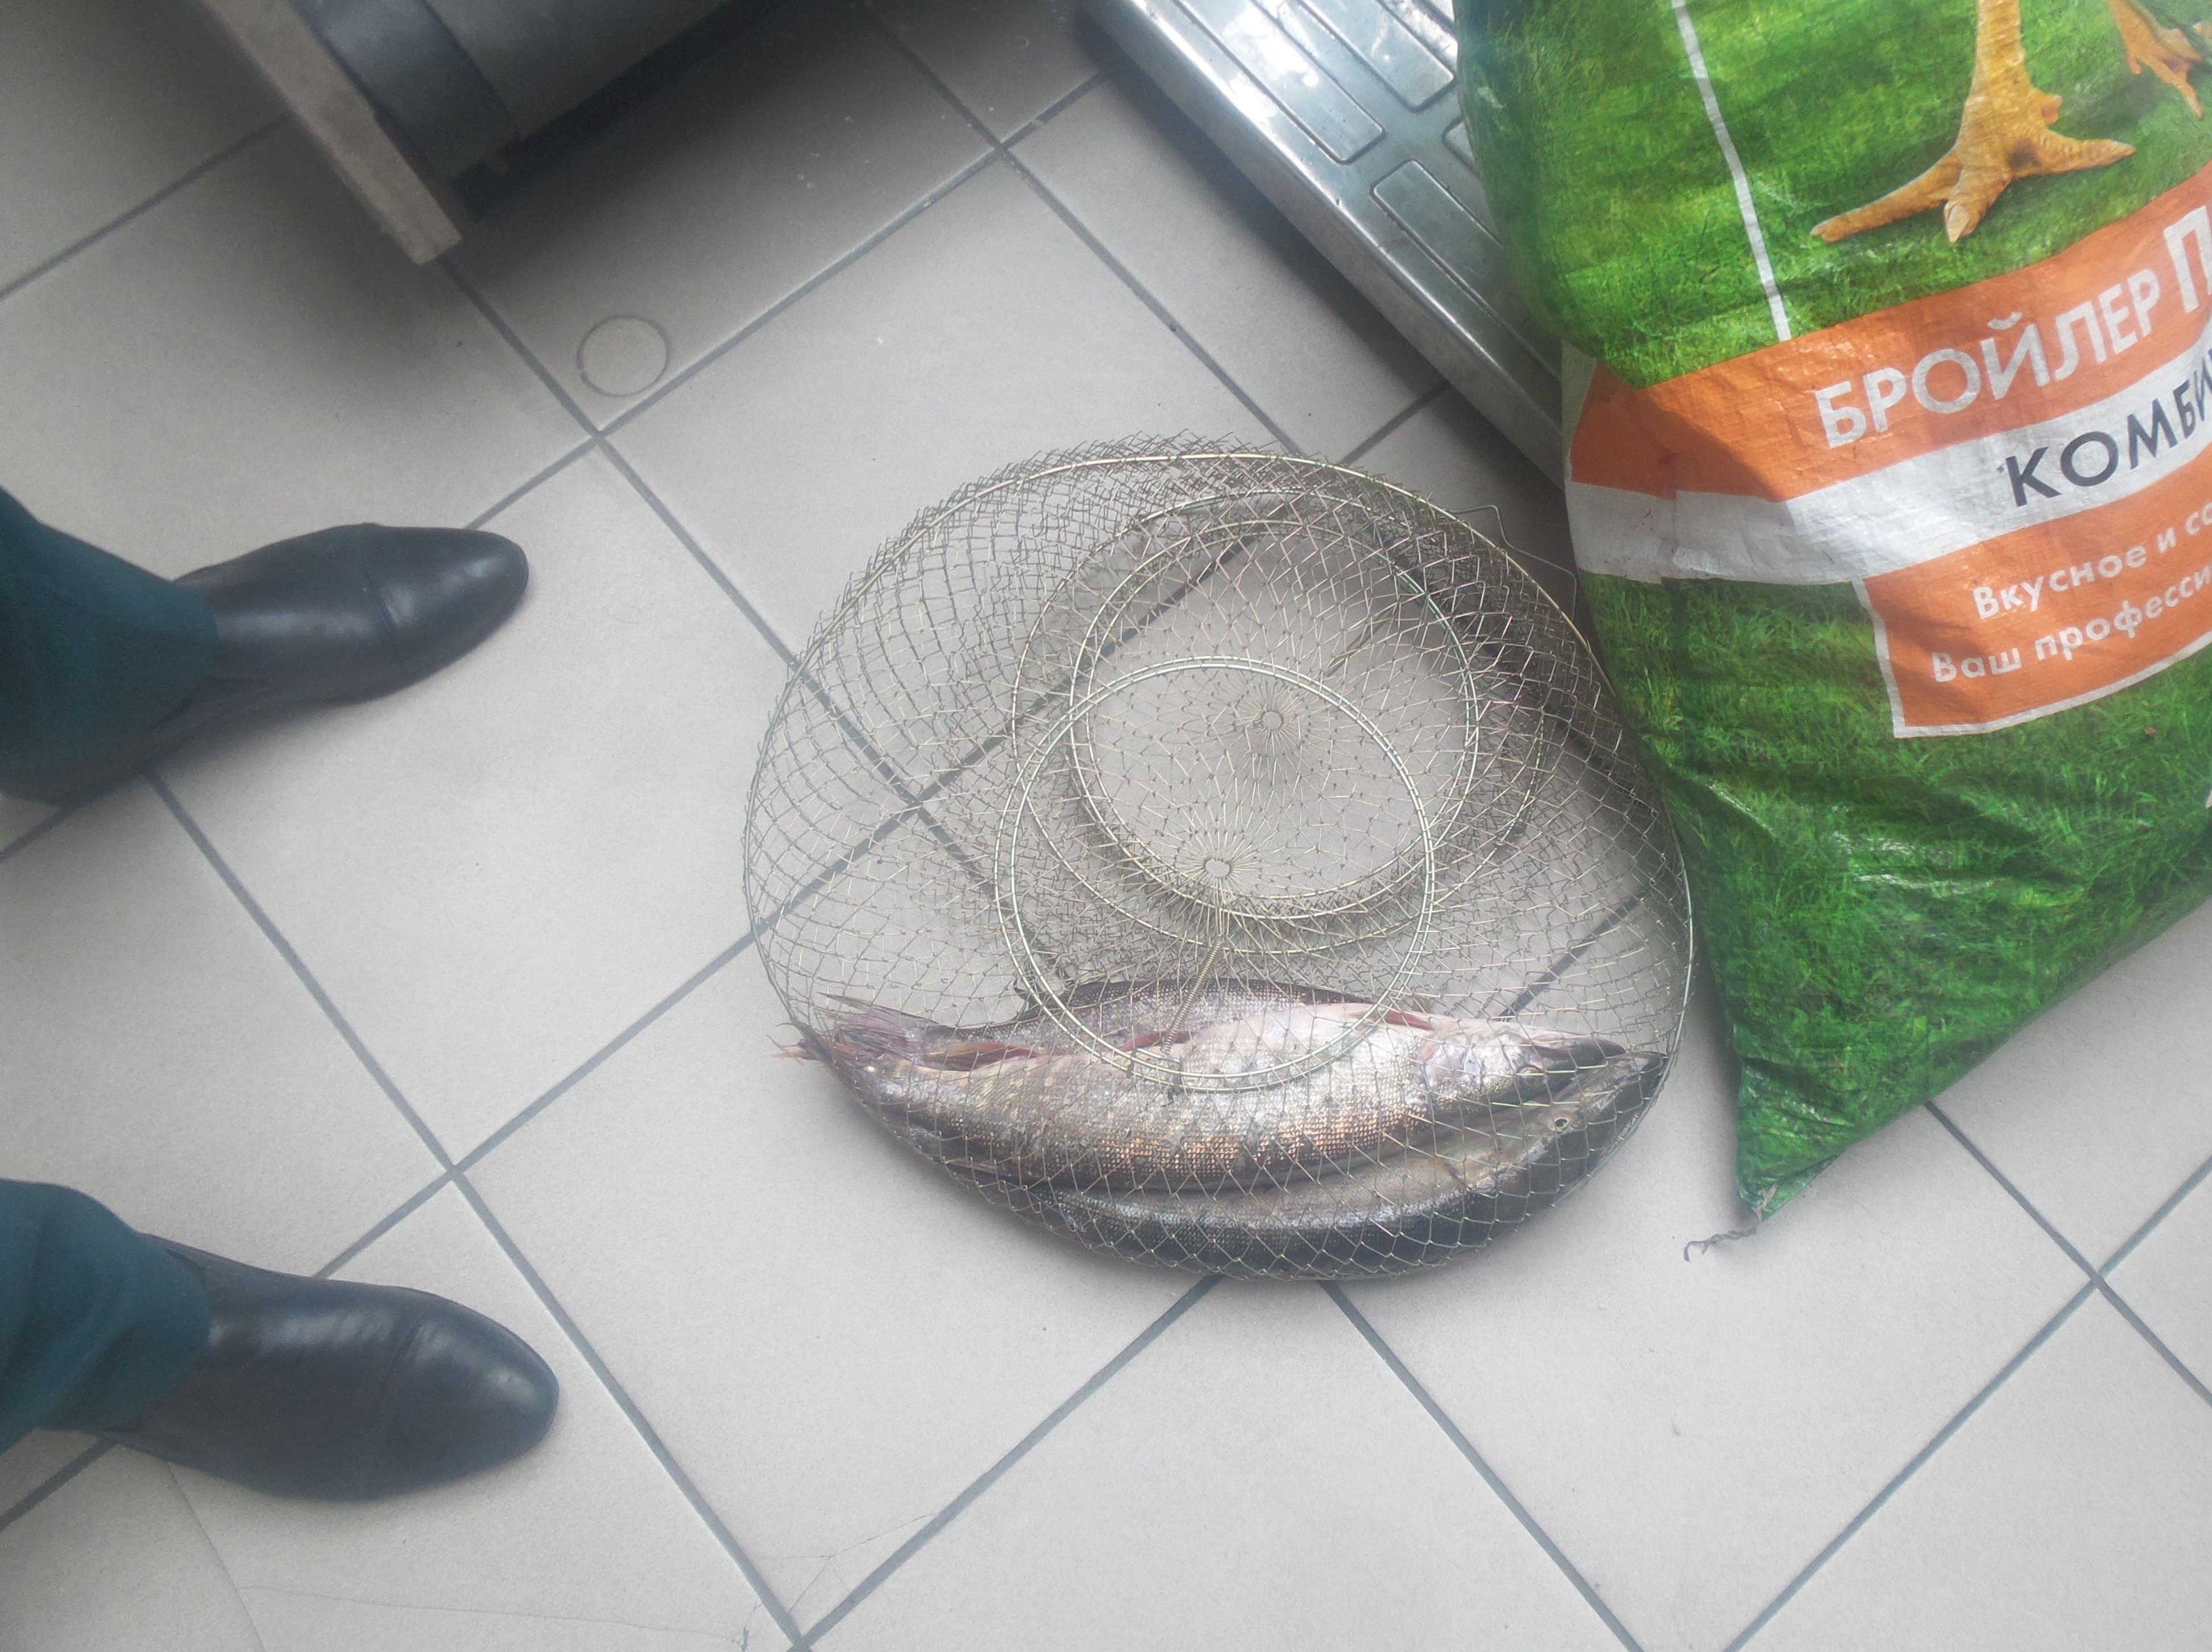 Рыба, перемещаемая в отсутствии документов возвращена на территорию Украины